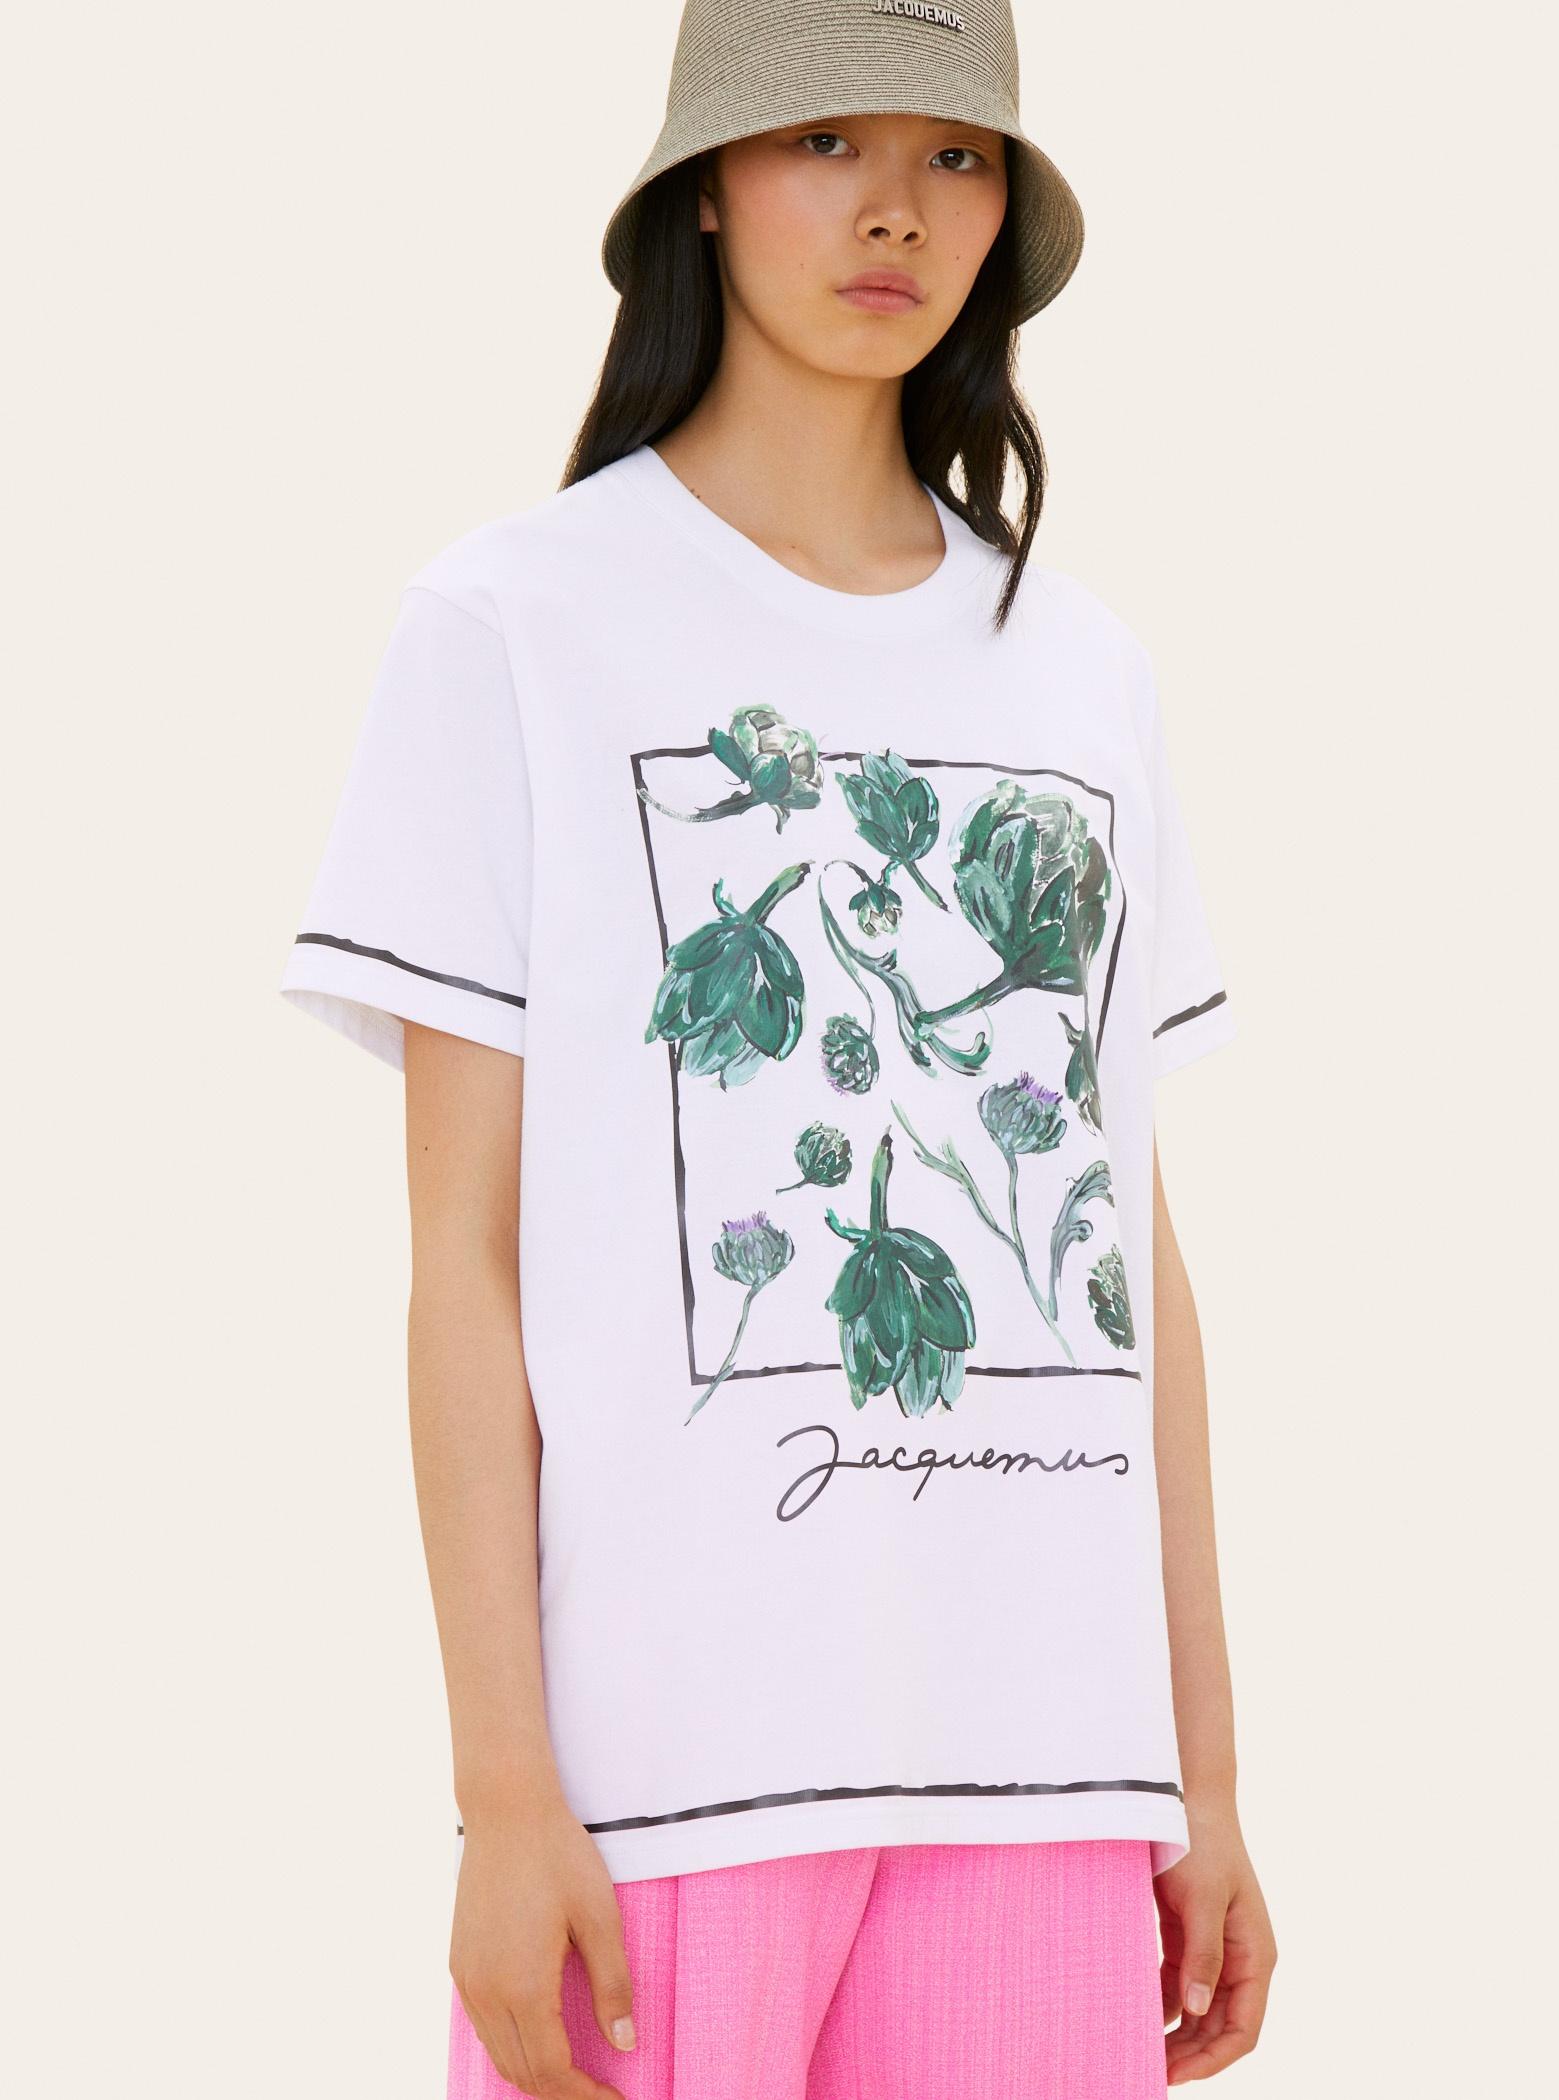 Le t-shirt Mala